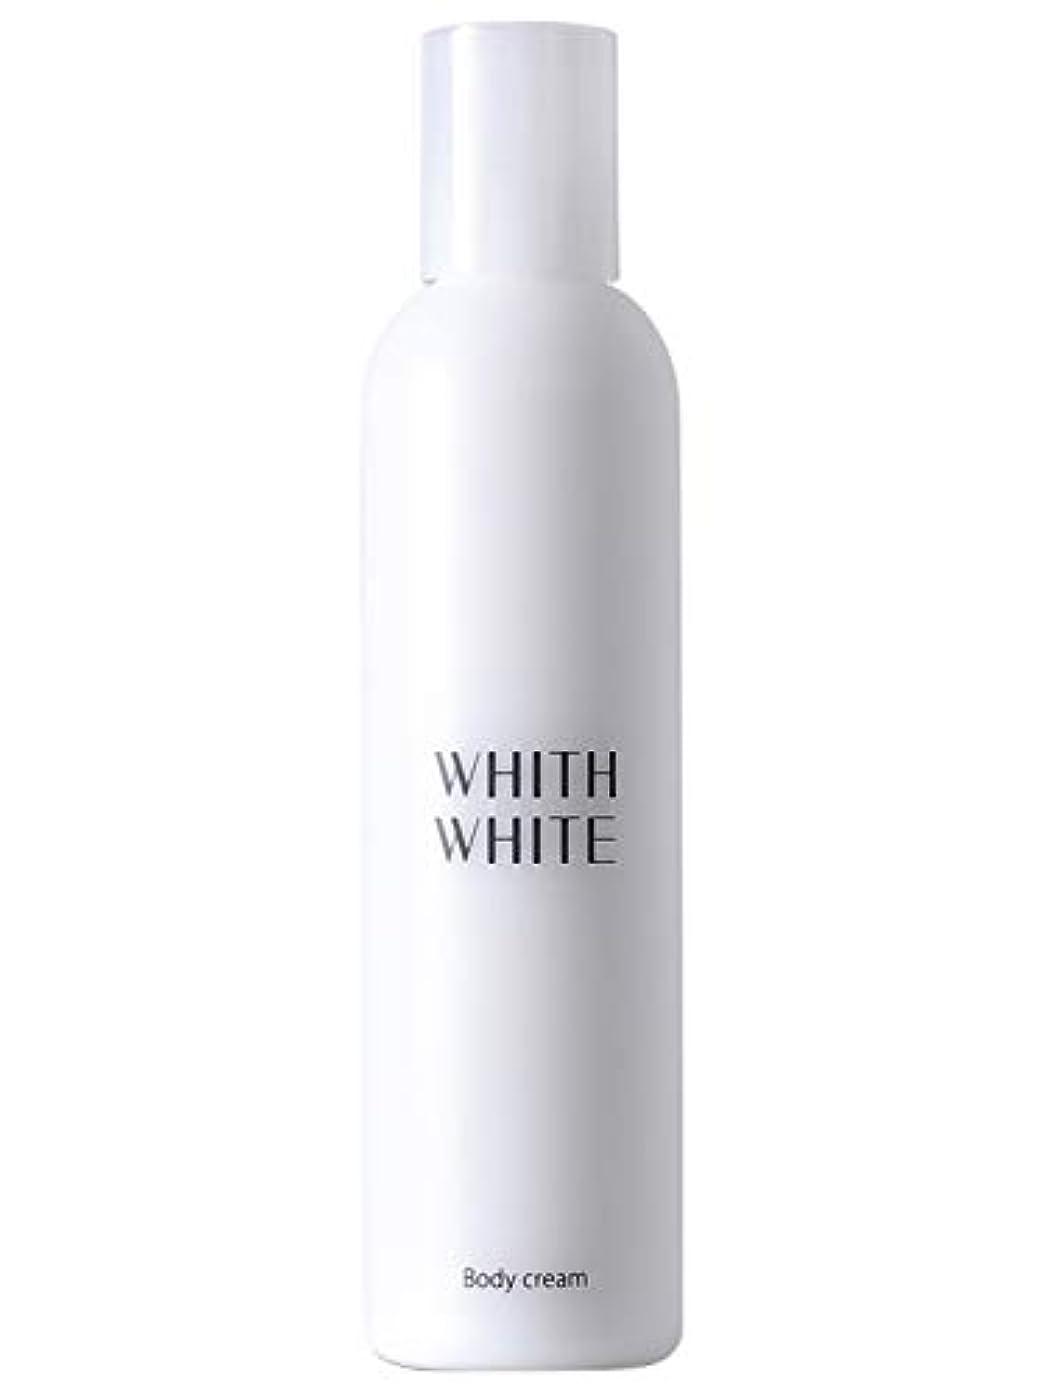 運ぶしわはがきフィス ホワイト 保湿 ボディクリーム 「顔 かかと 全身 乾燥肌 しみ くすみ 用 エモリエント 保湿クリーム 」200g